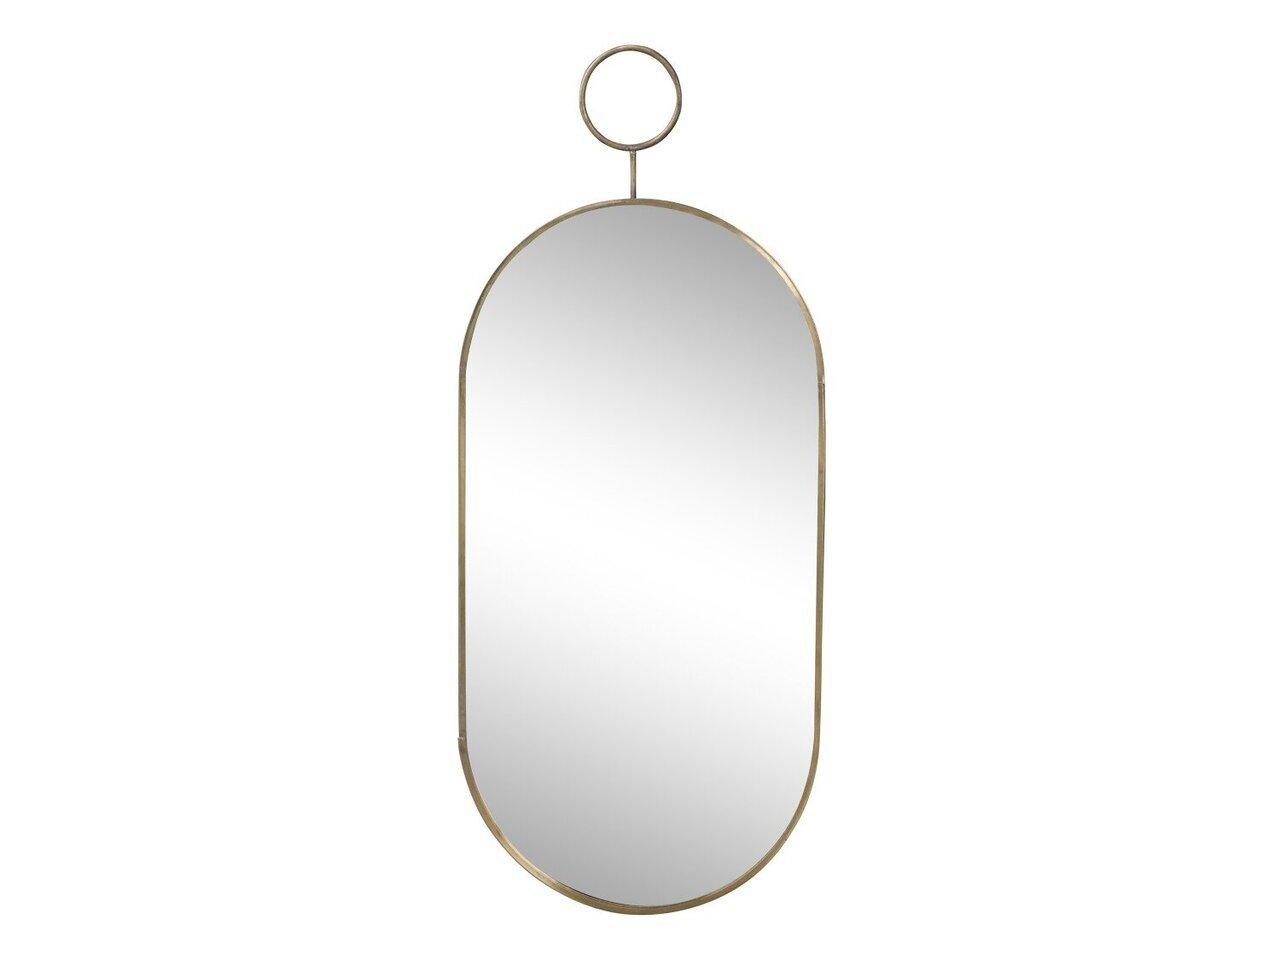 Chic Antique Spiegel mit Messingrahmen